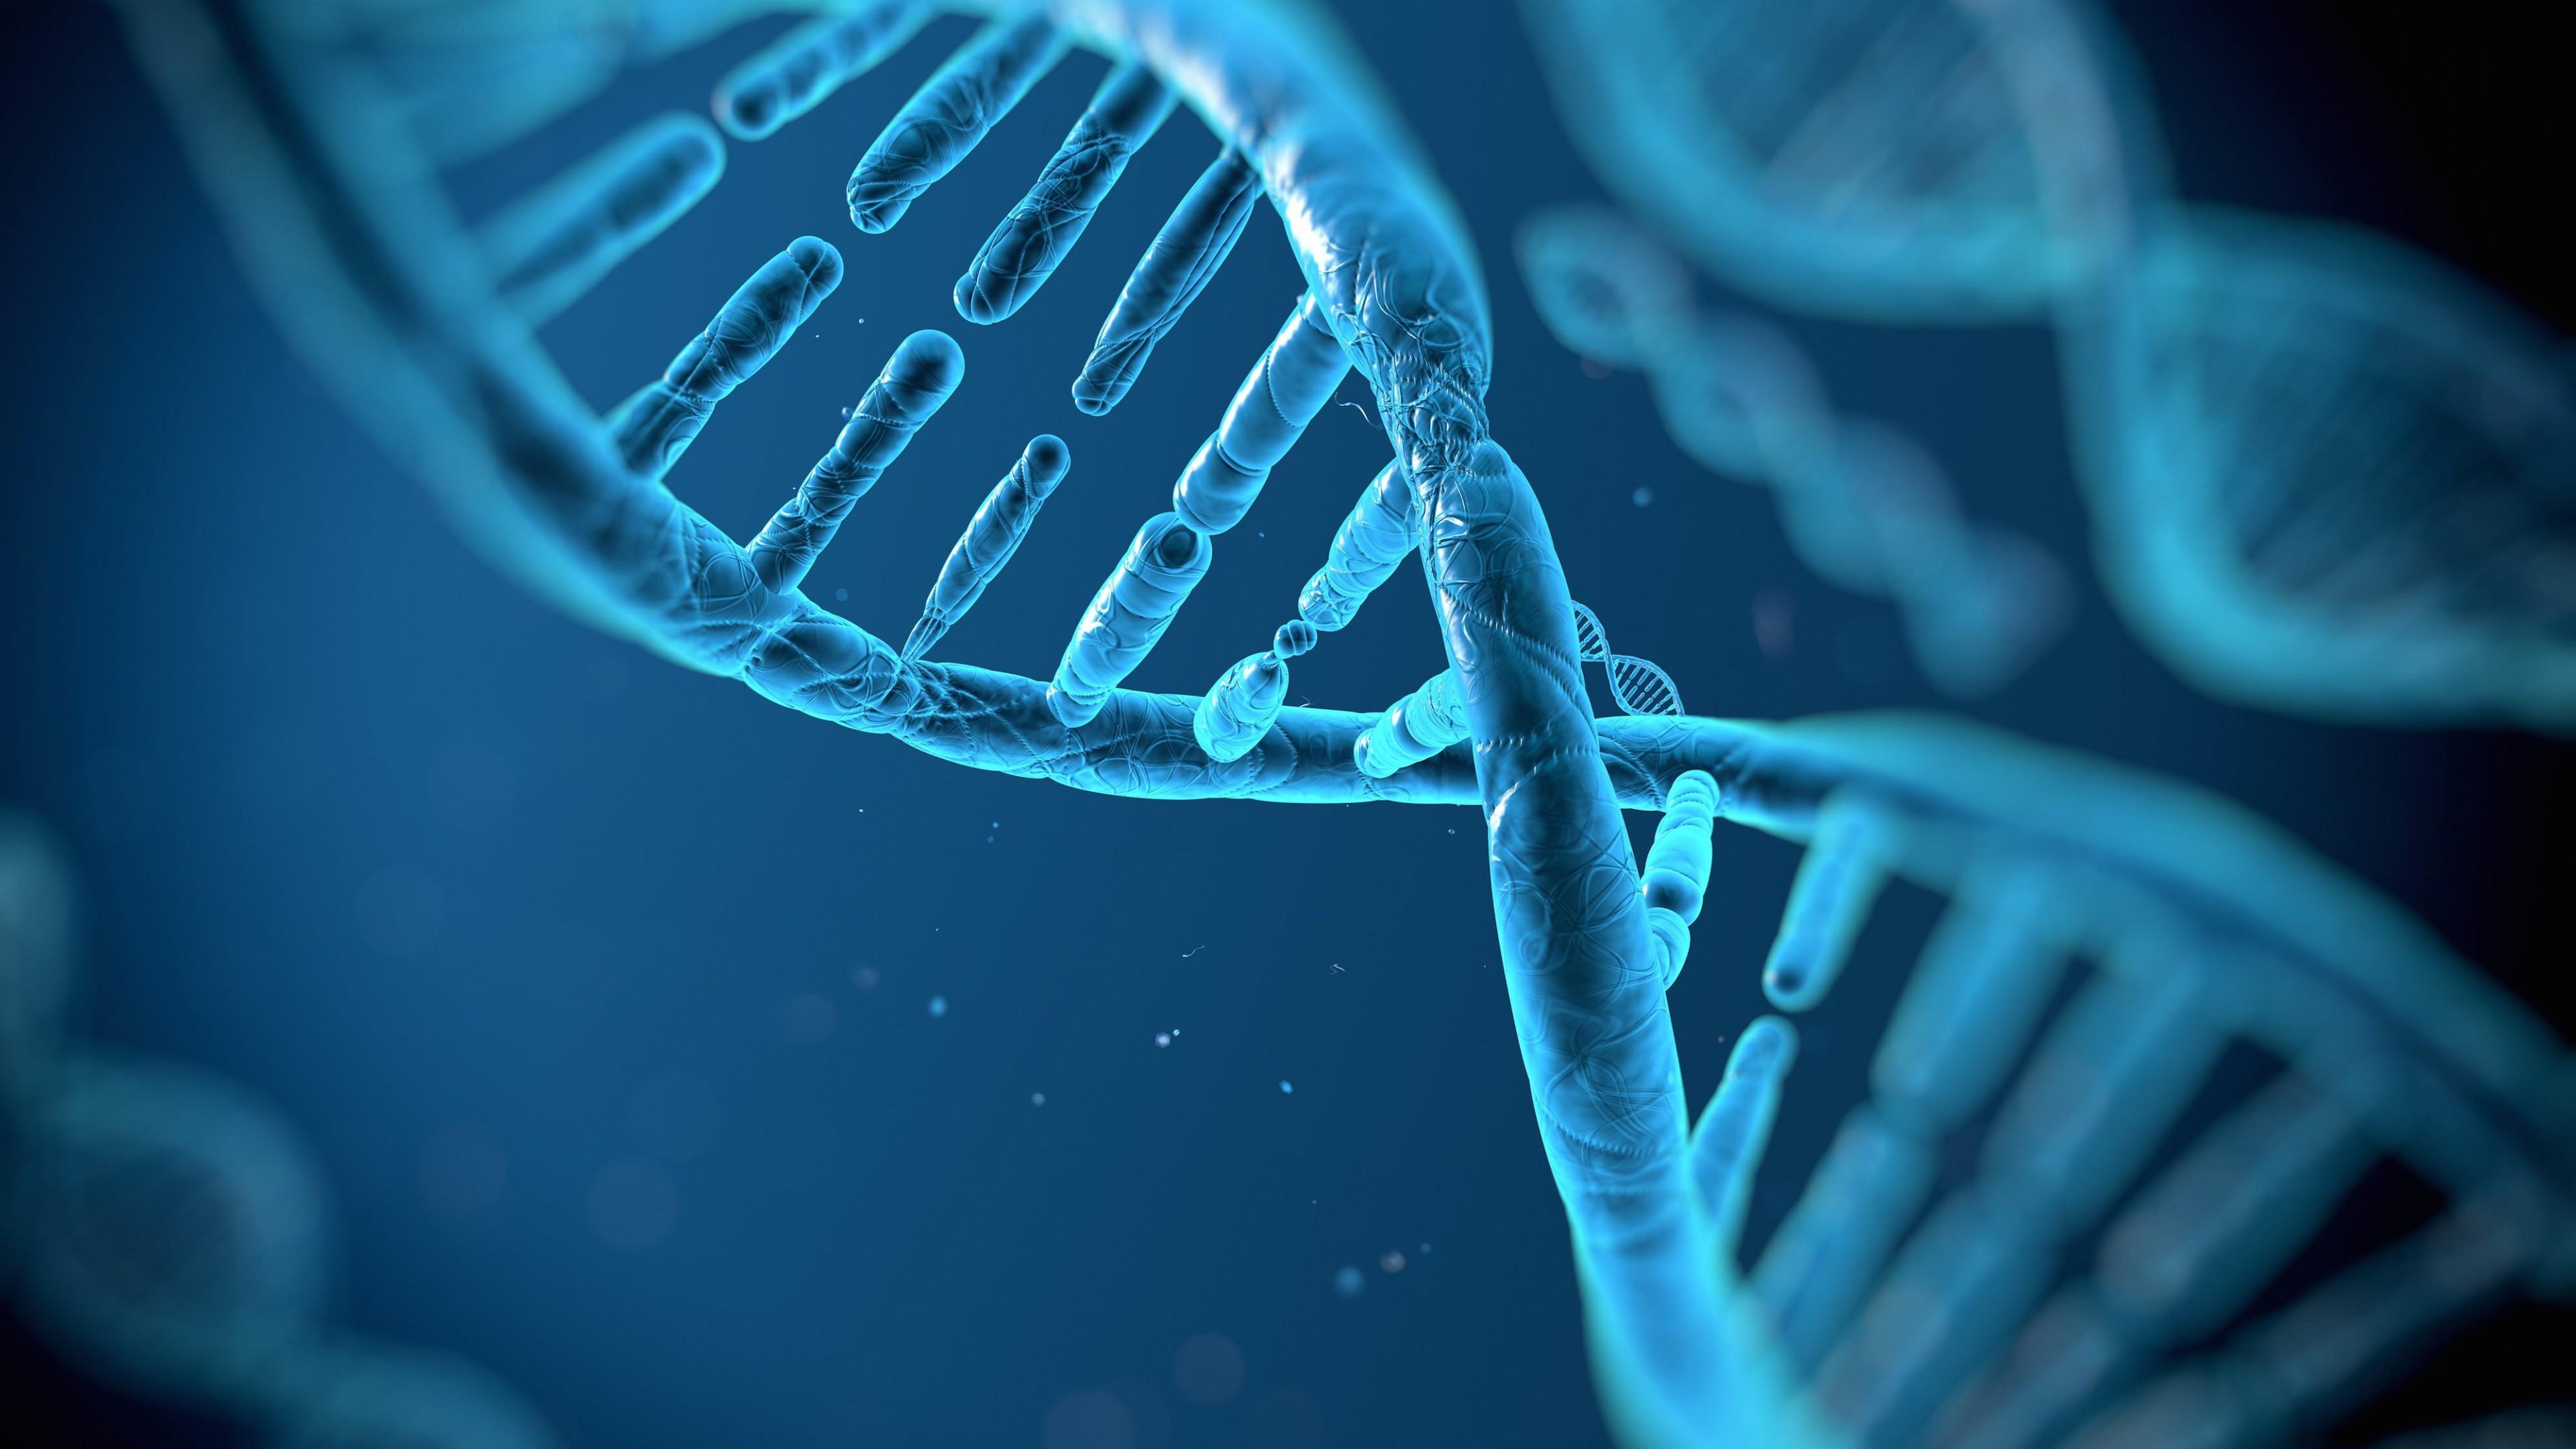 DNA Structure HD wallpaper for 4K 3840 x 2160   HDwallpapersnet 3840x2160